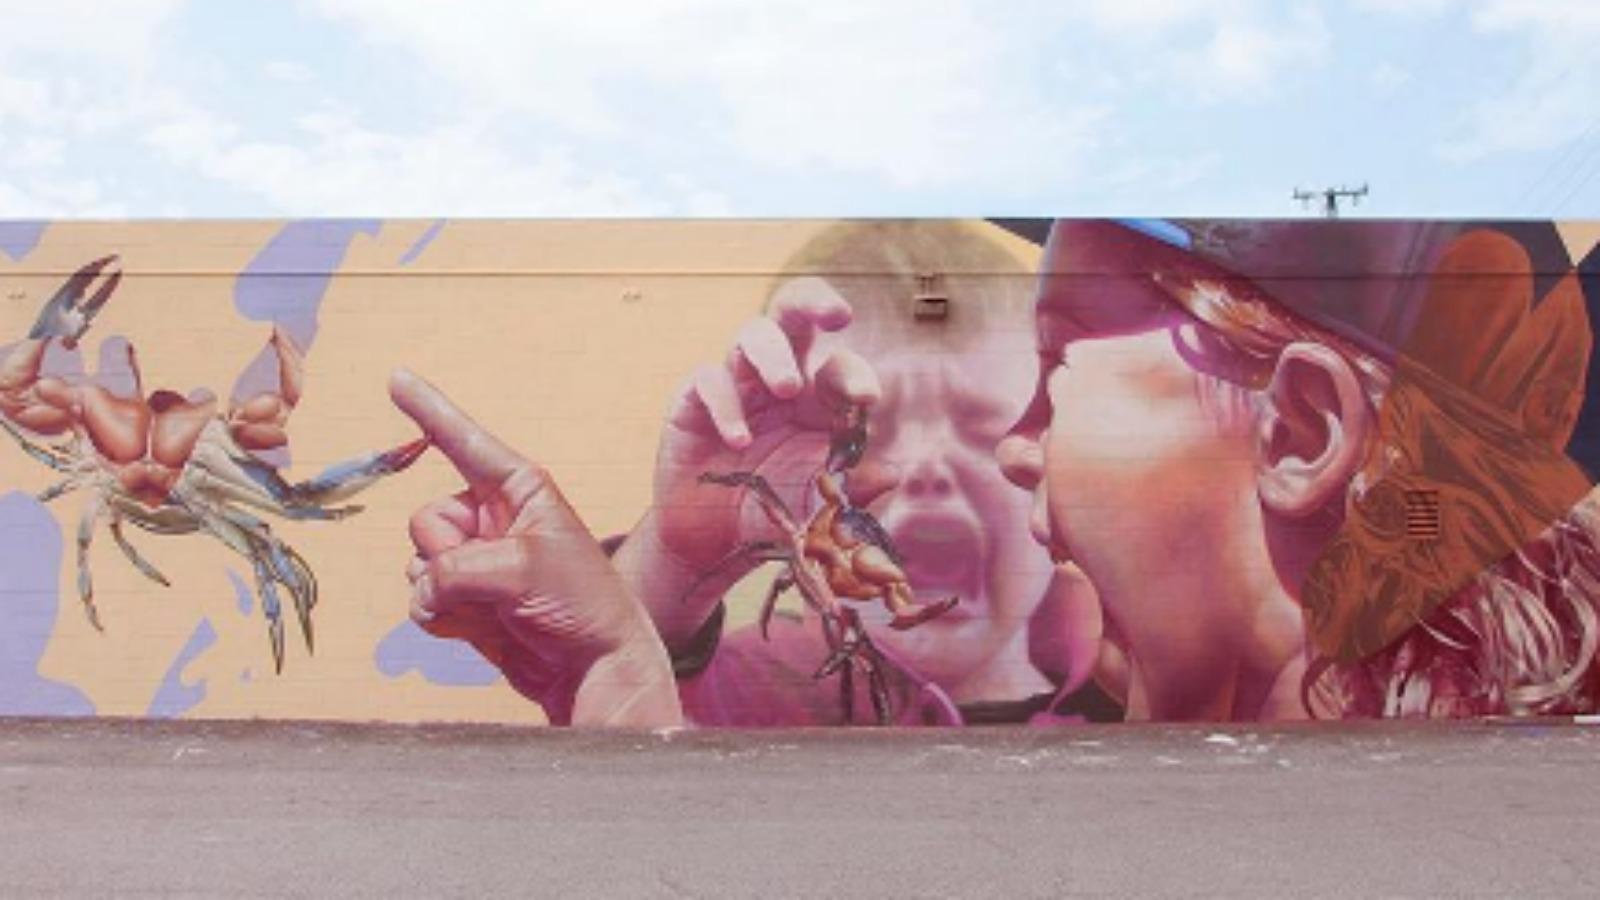 Los 10 mejores murales de Pow! Wow! 2017